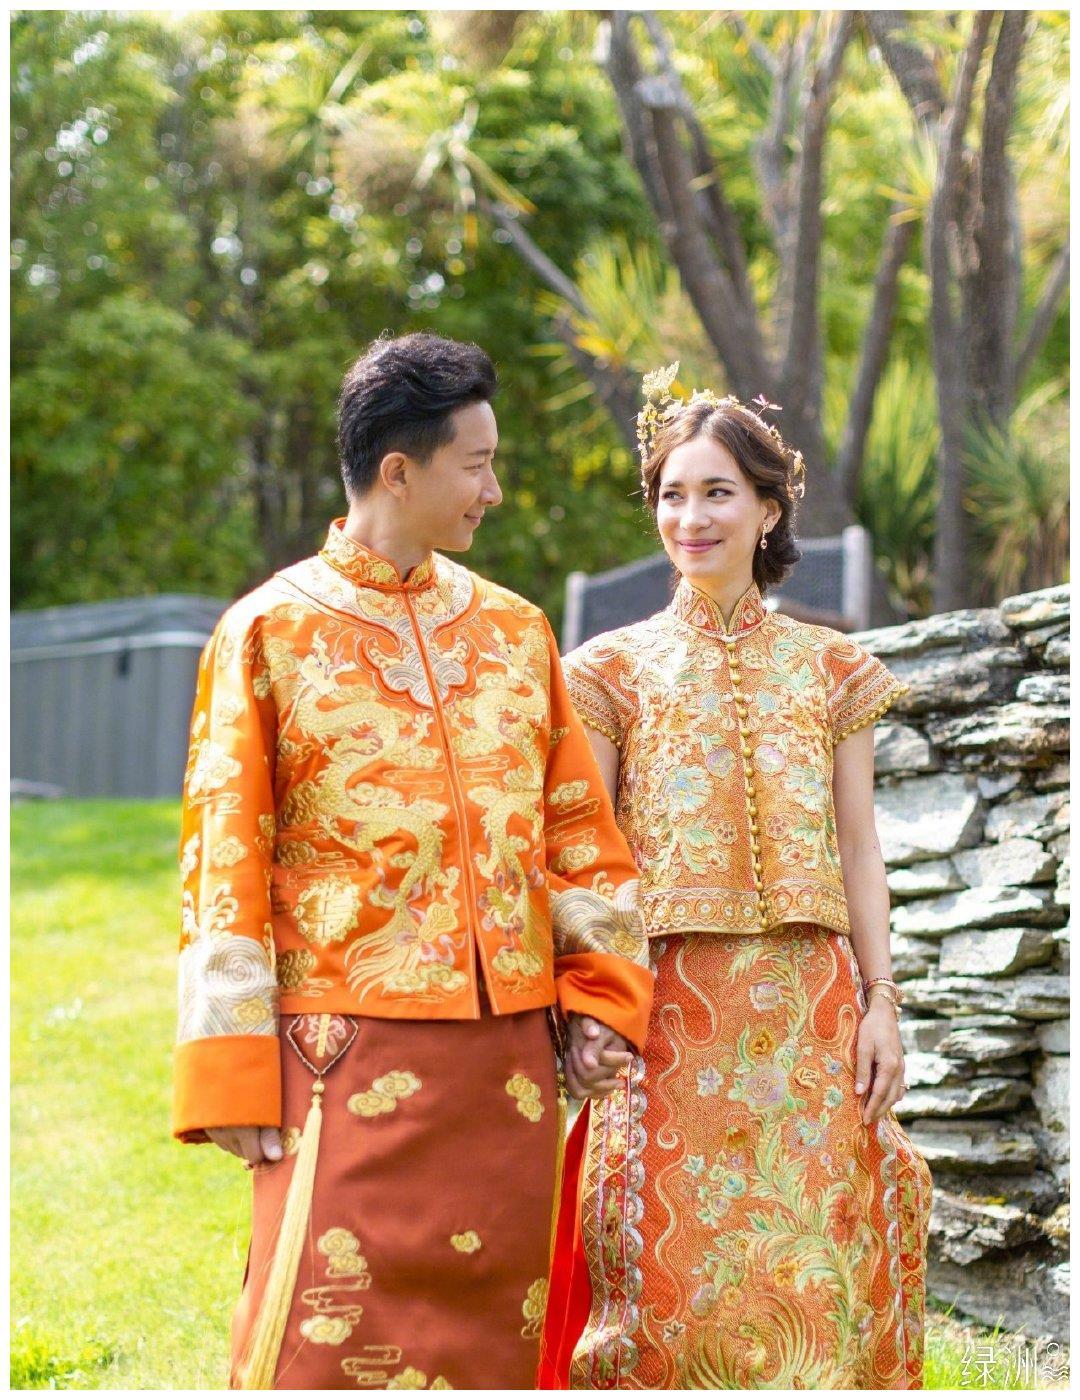 韩庚卢靖姗婚礼举办地很独特,没网没水没电源,背后意义很有爱